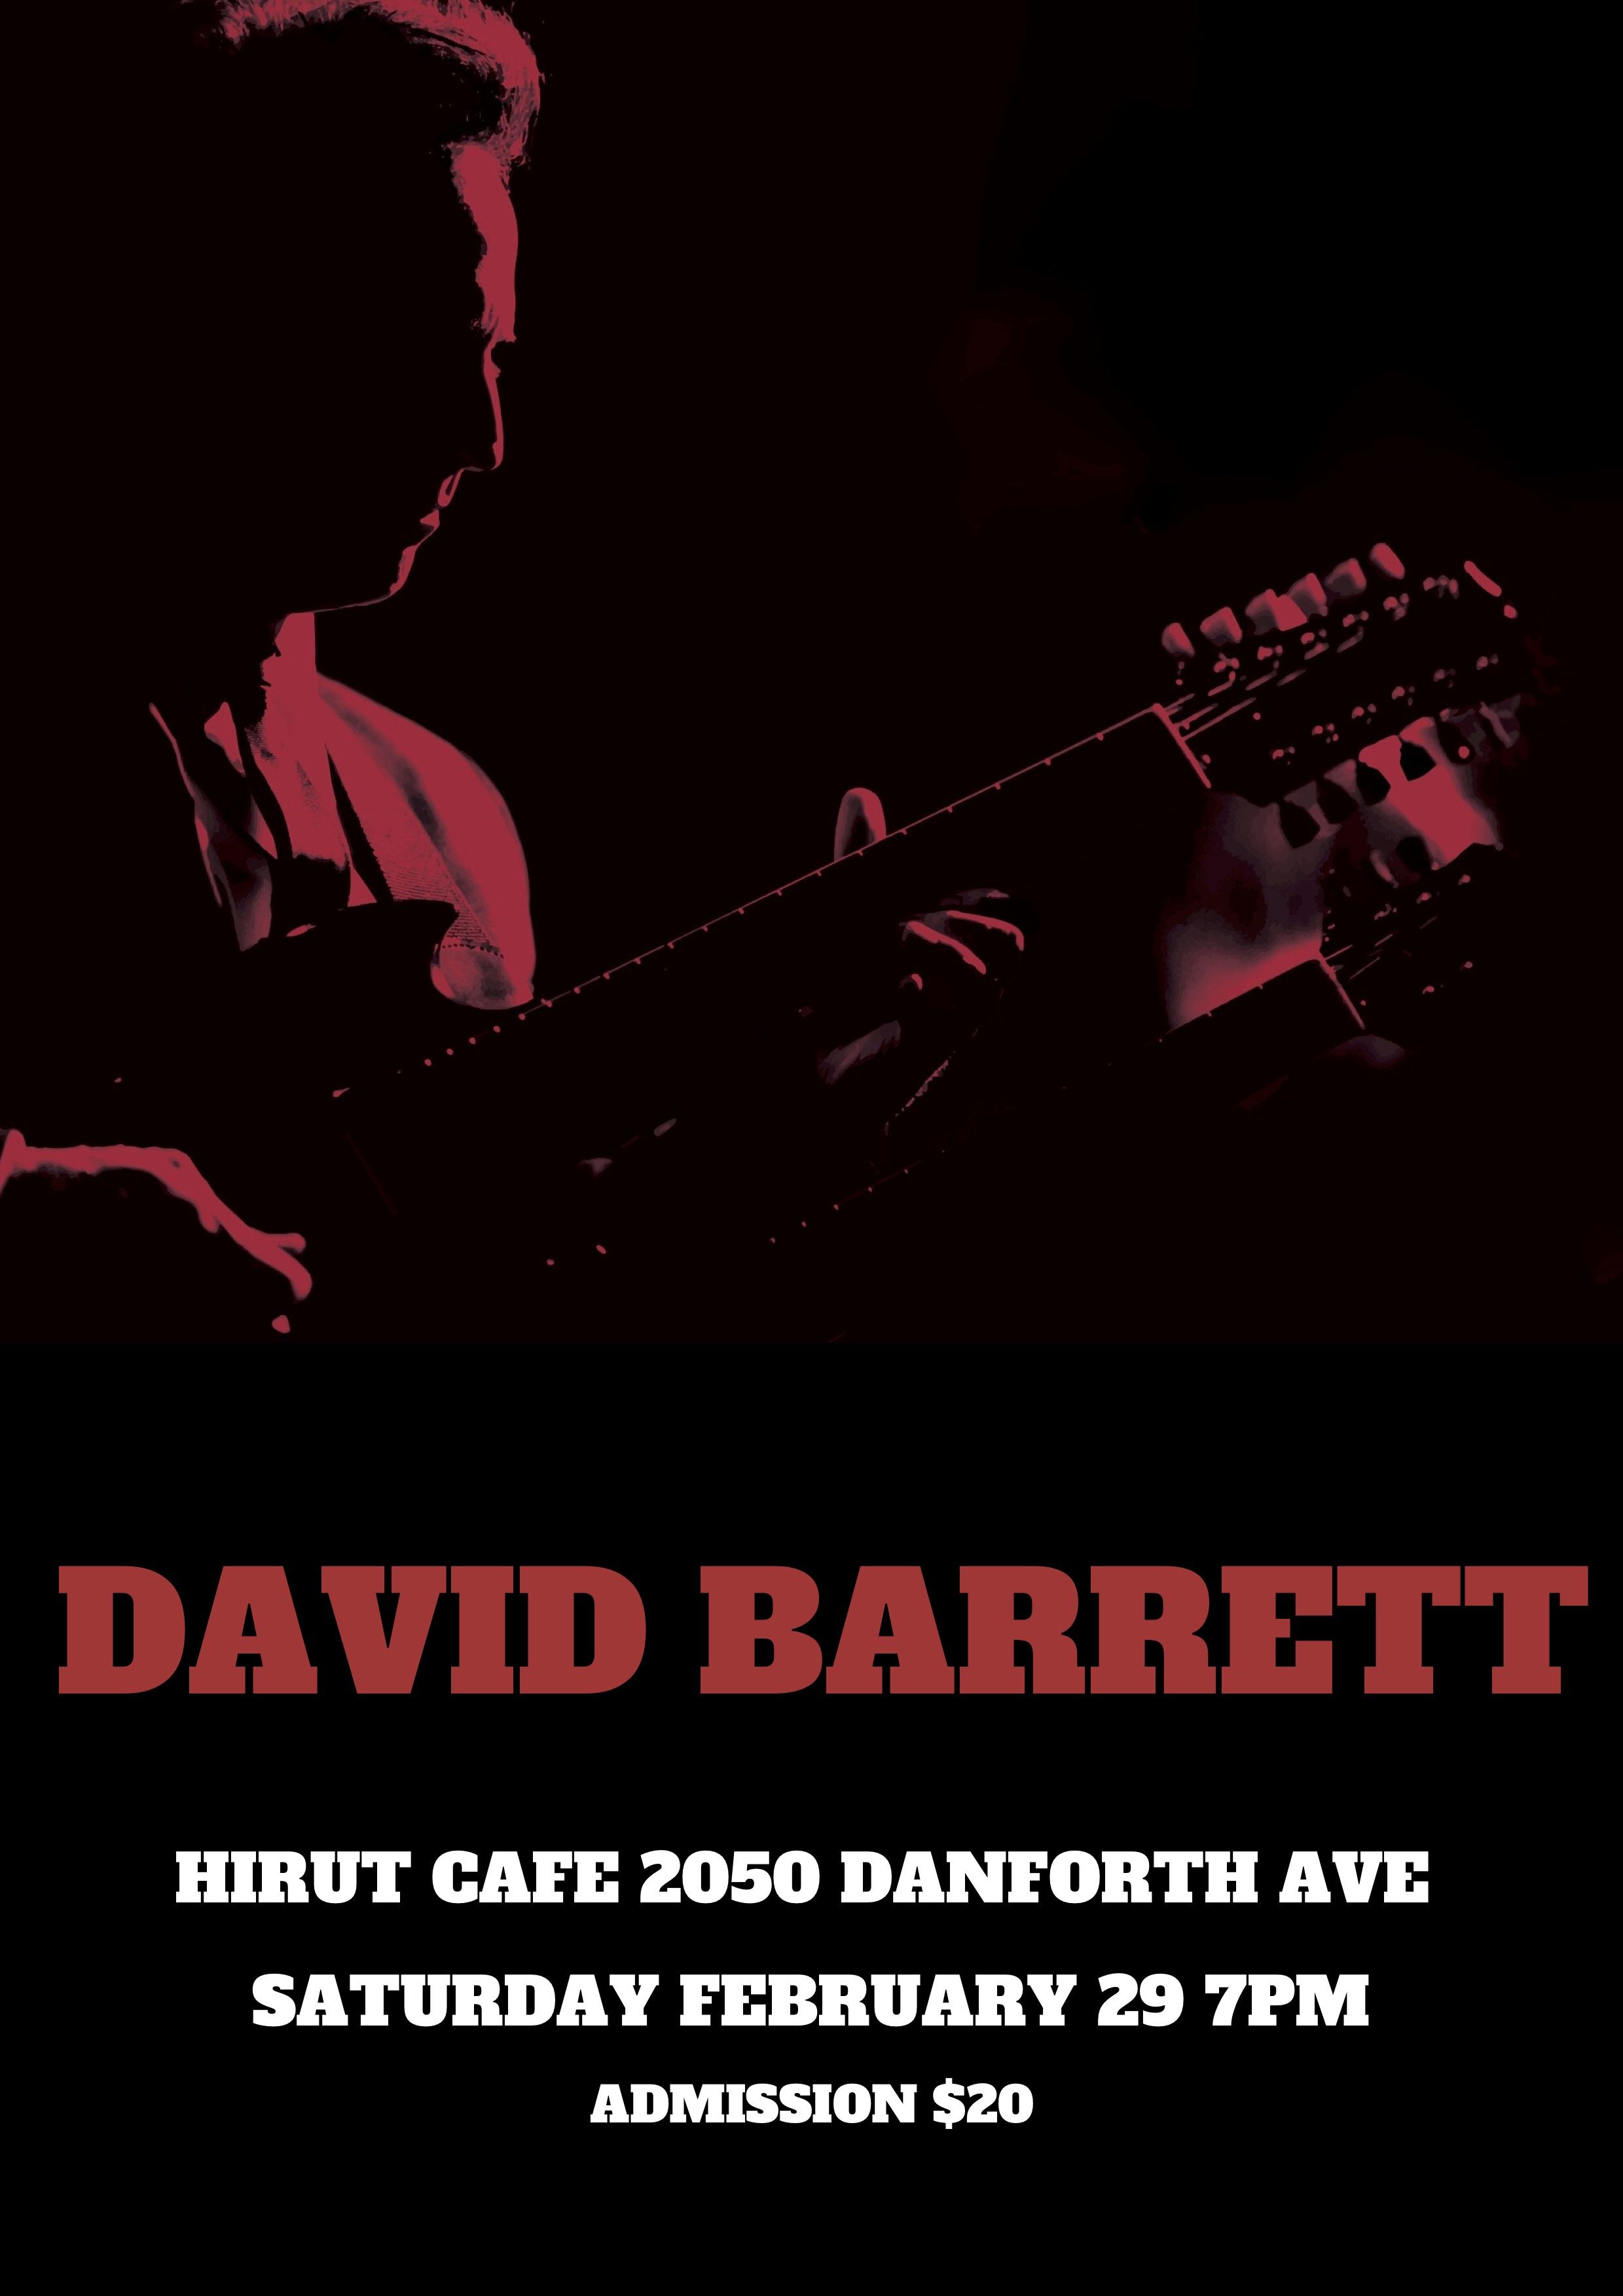 David Barrett Poster Feb 29